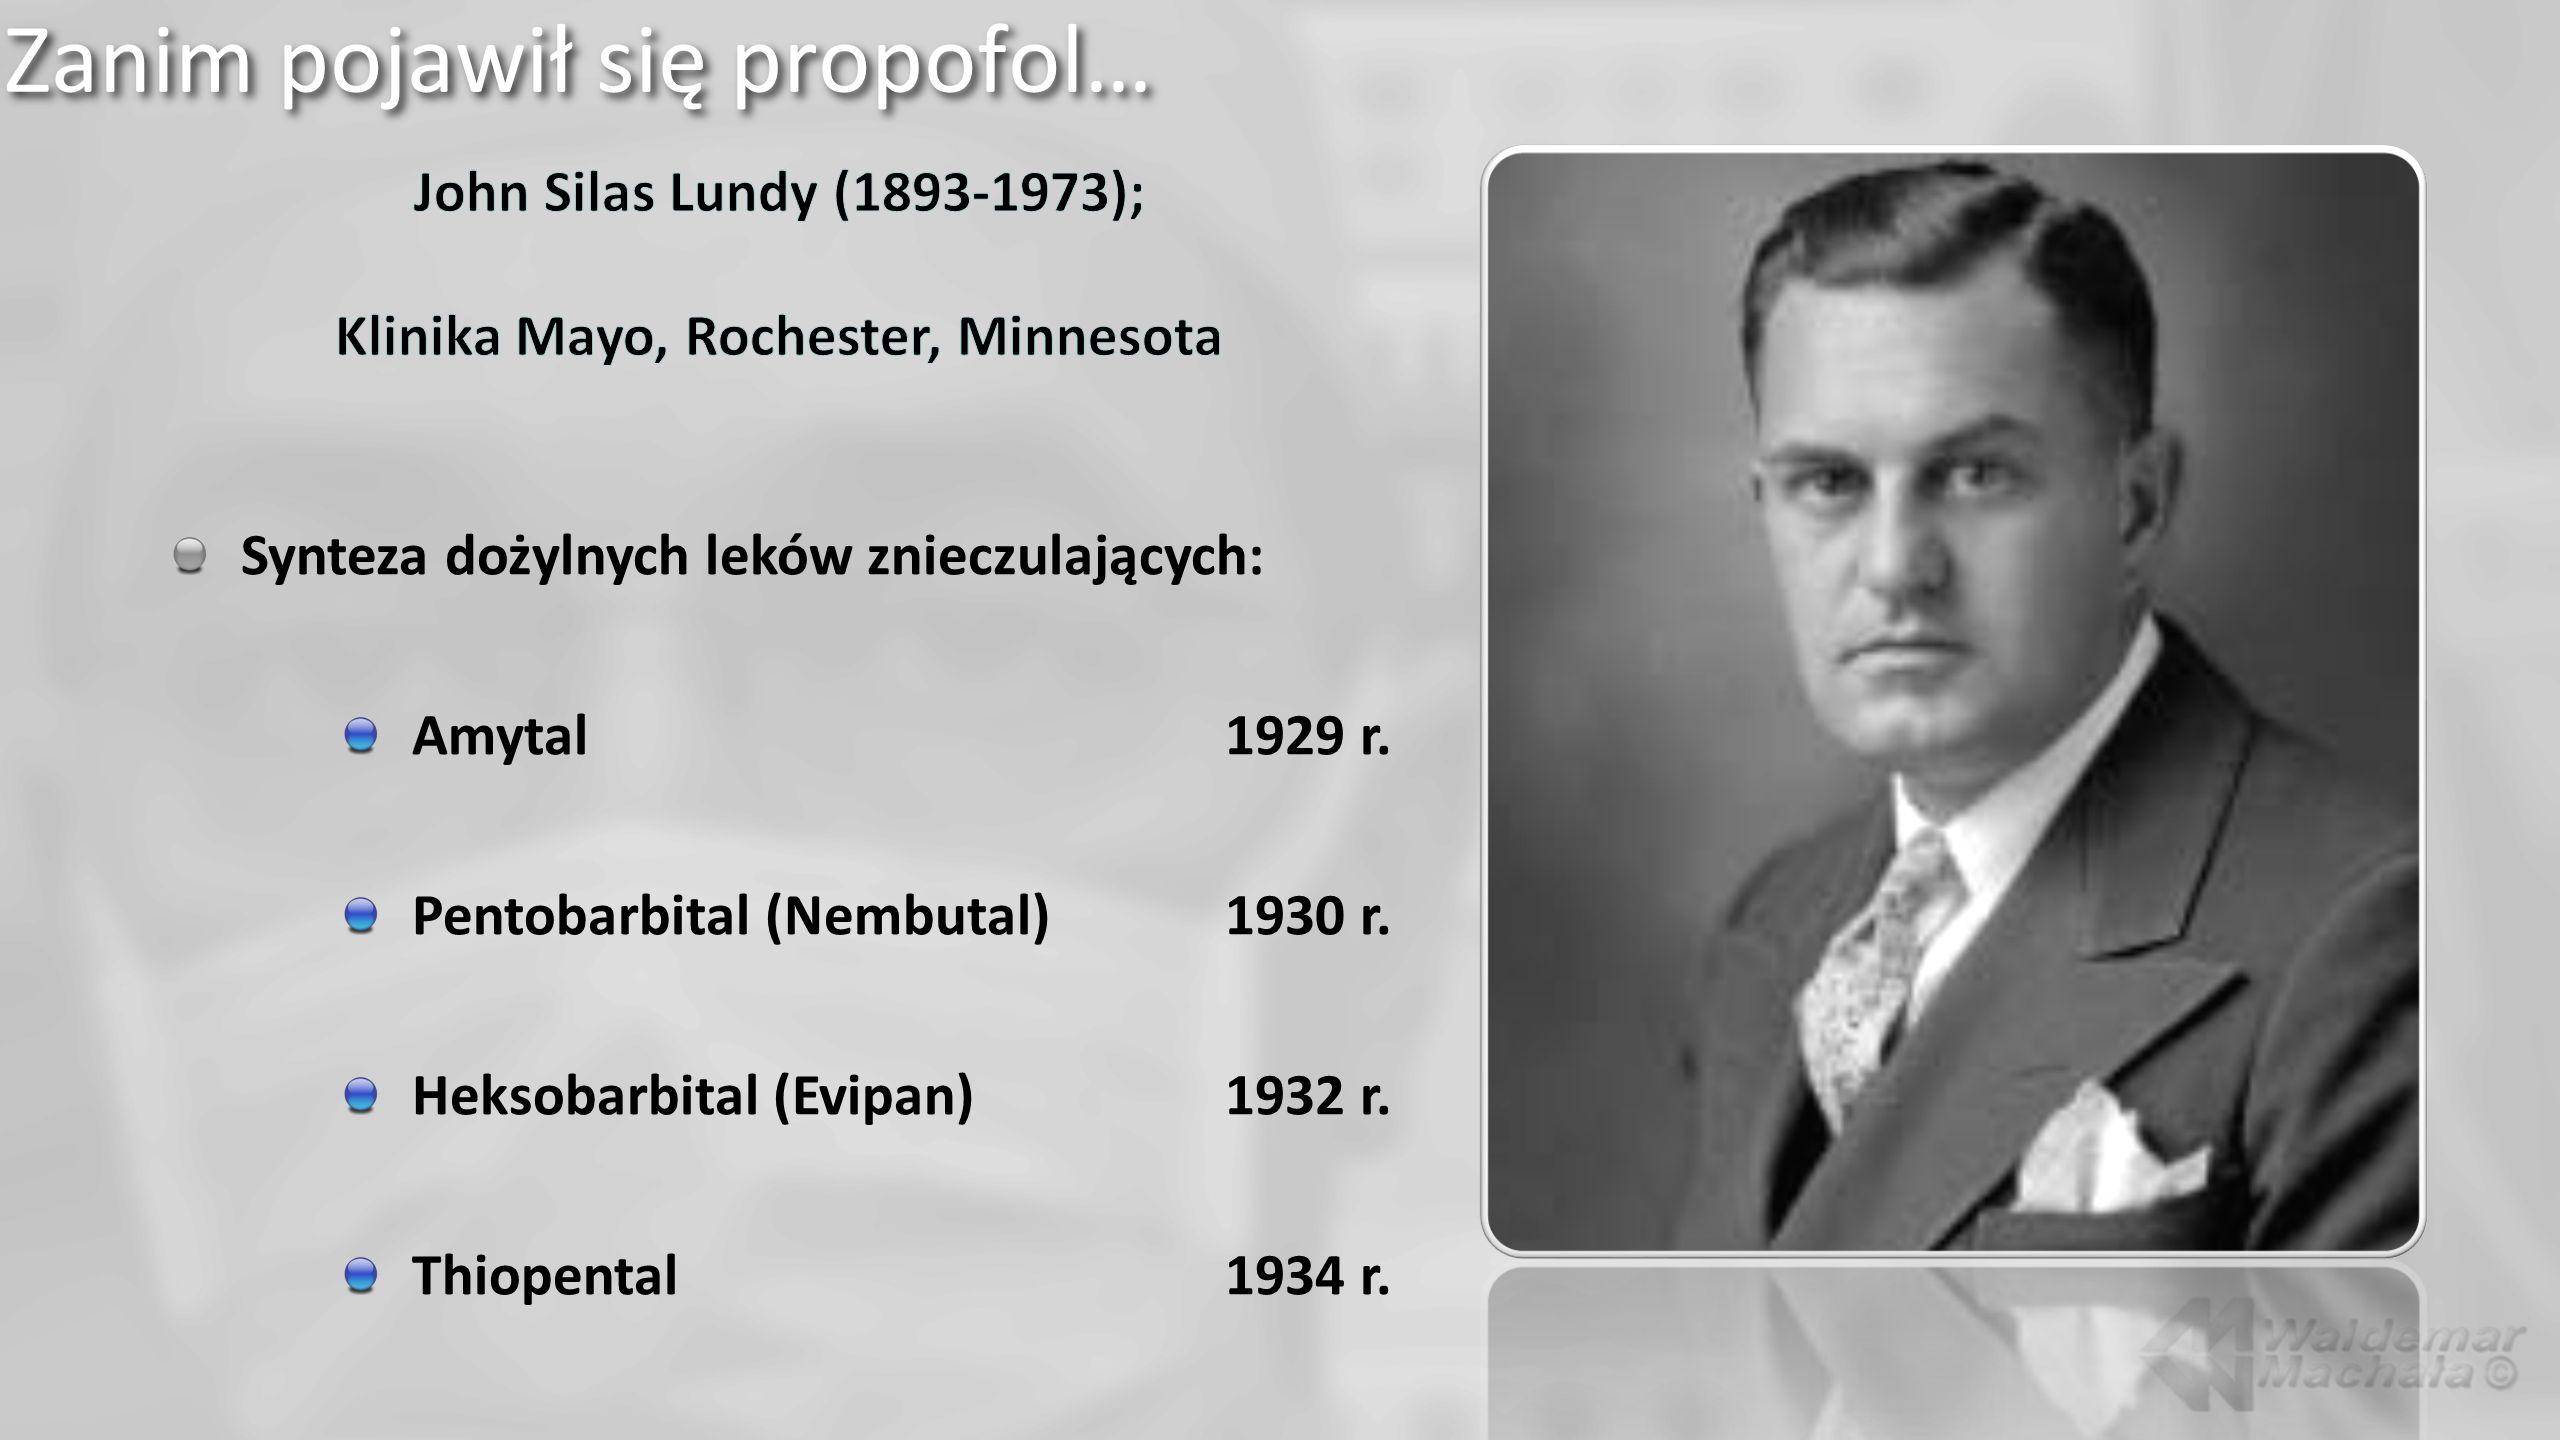 Zanim pojawił się propofol… Synteza dożylnych leków znieczulających: Amytal1929 r. Pentobarbital (Nembutal)1930 r. Heksobarbital (Evipan)1932 r. Thiop